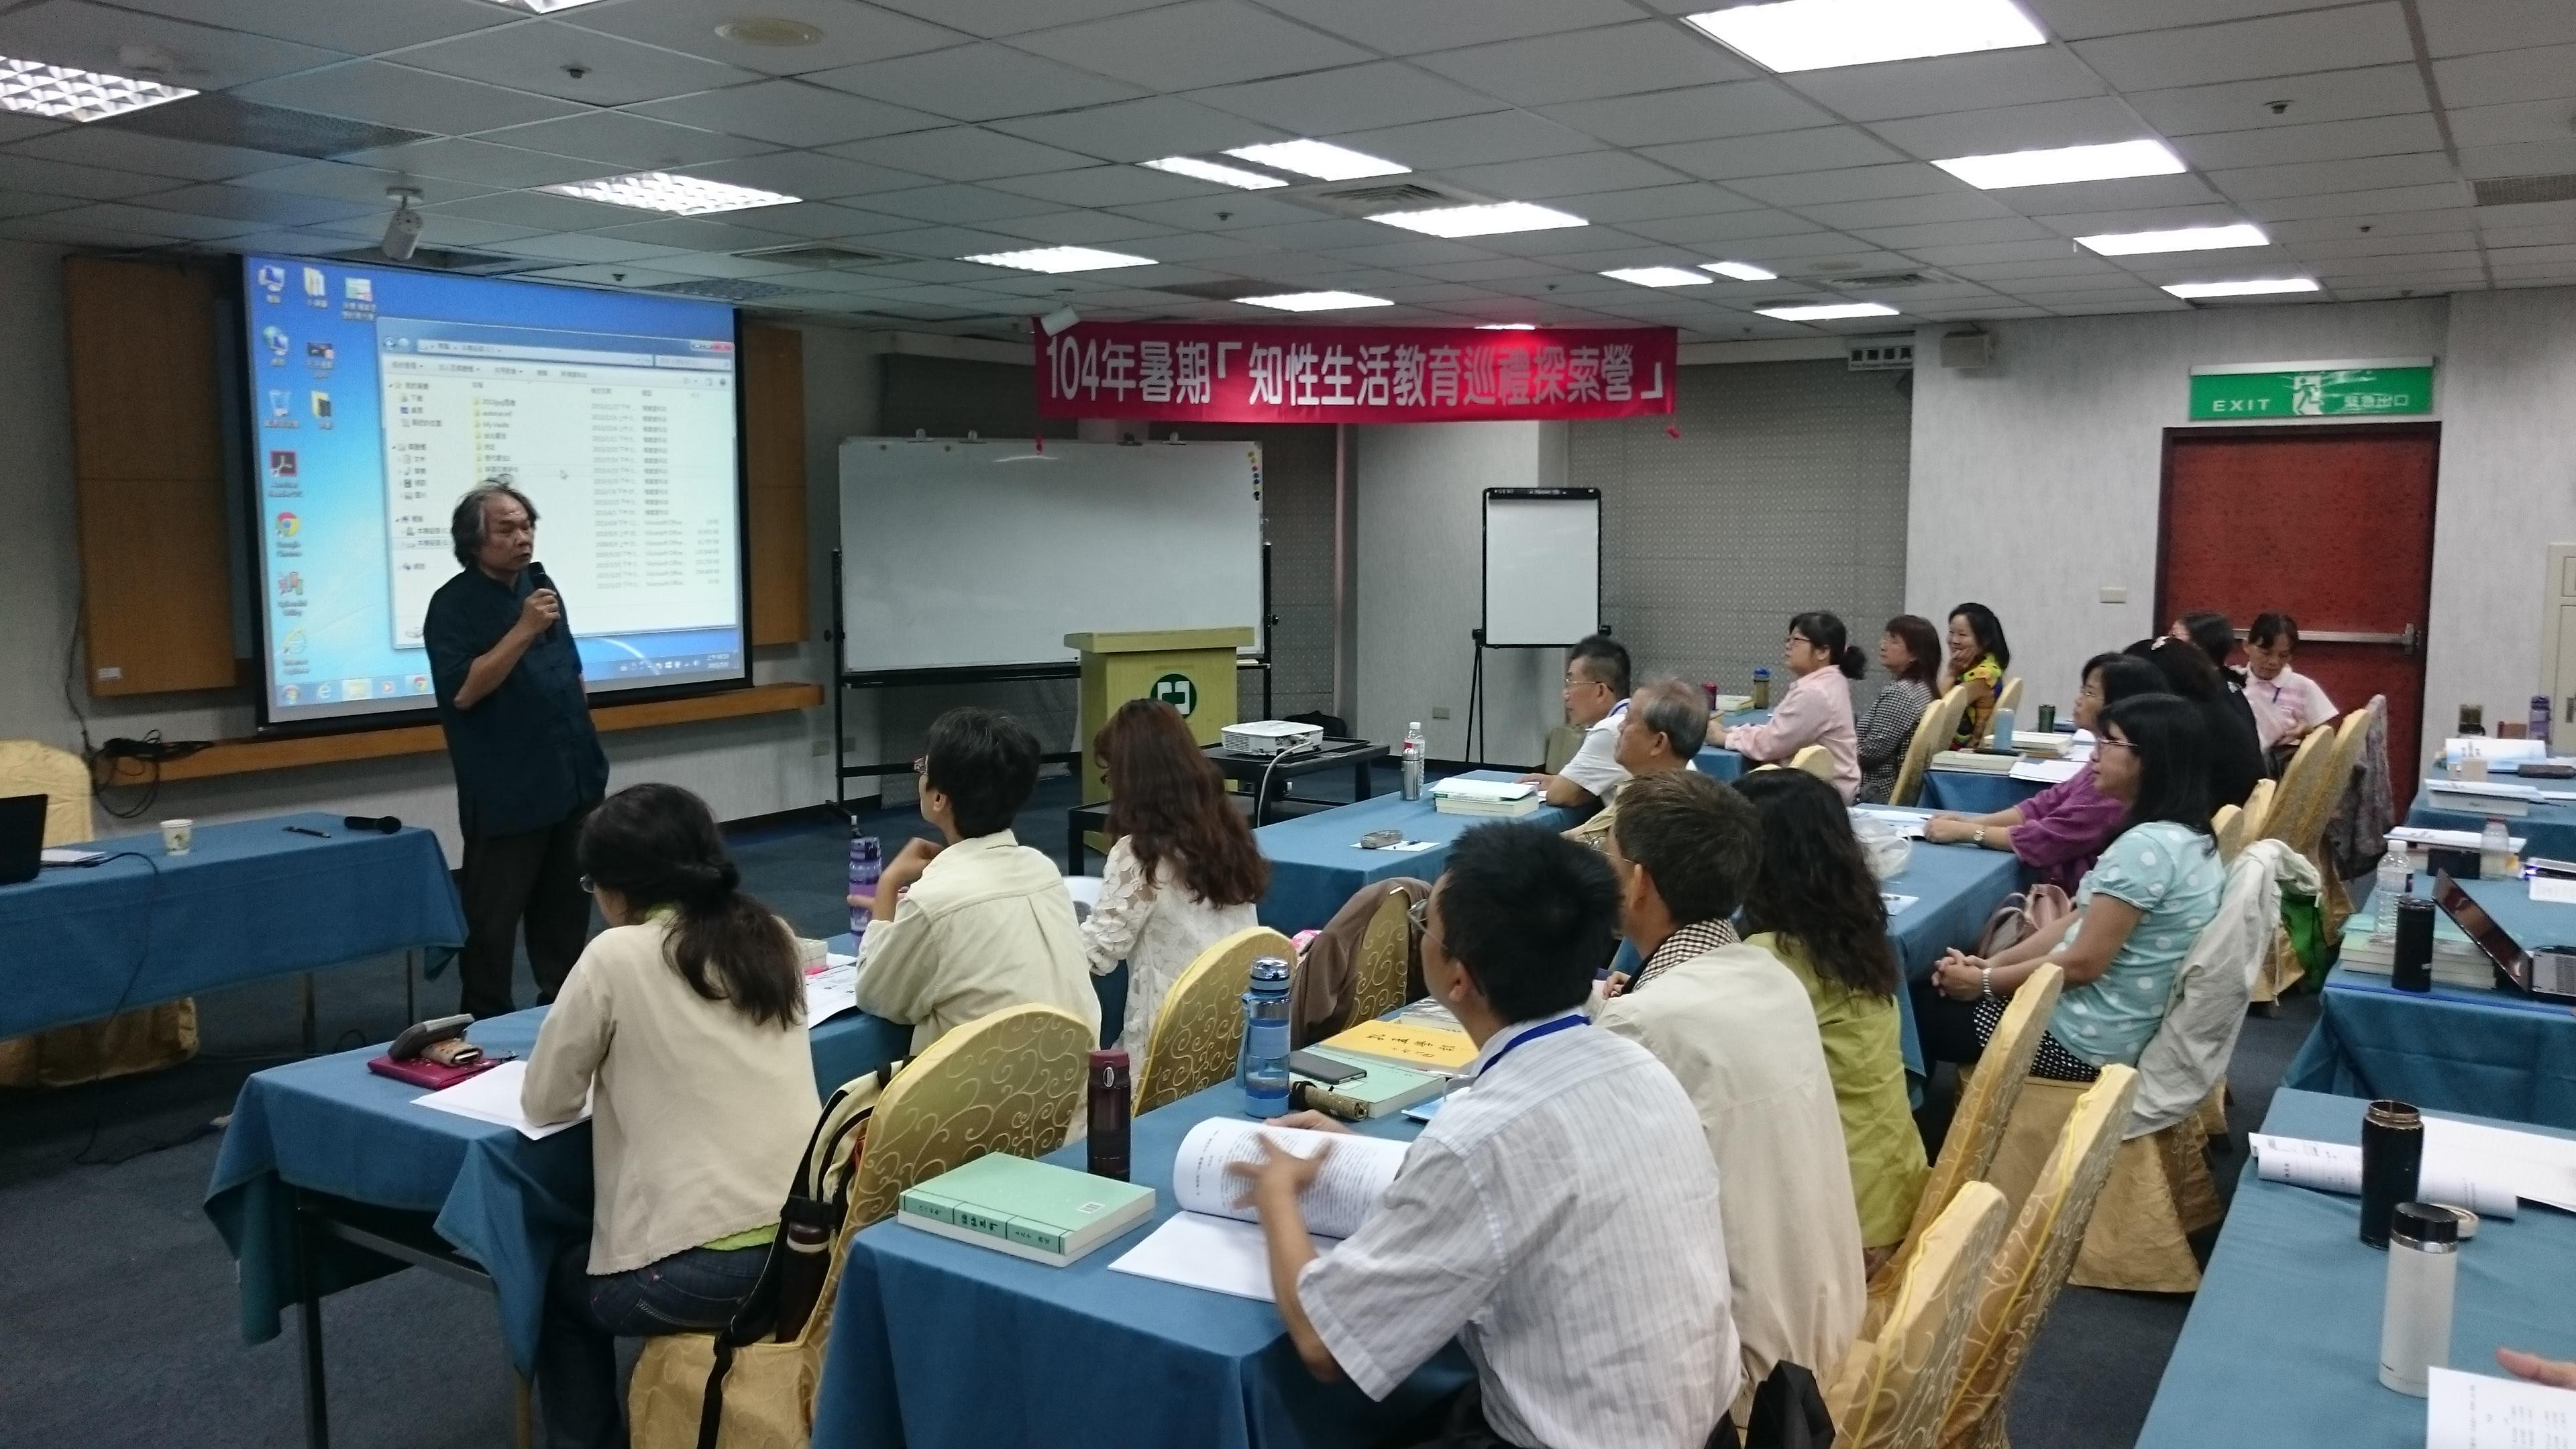 陳宏勉教授講授「書法與篆刻」